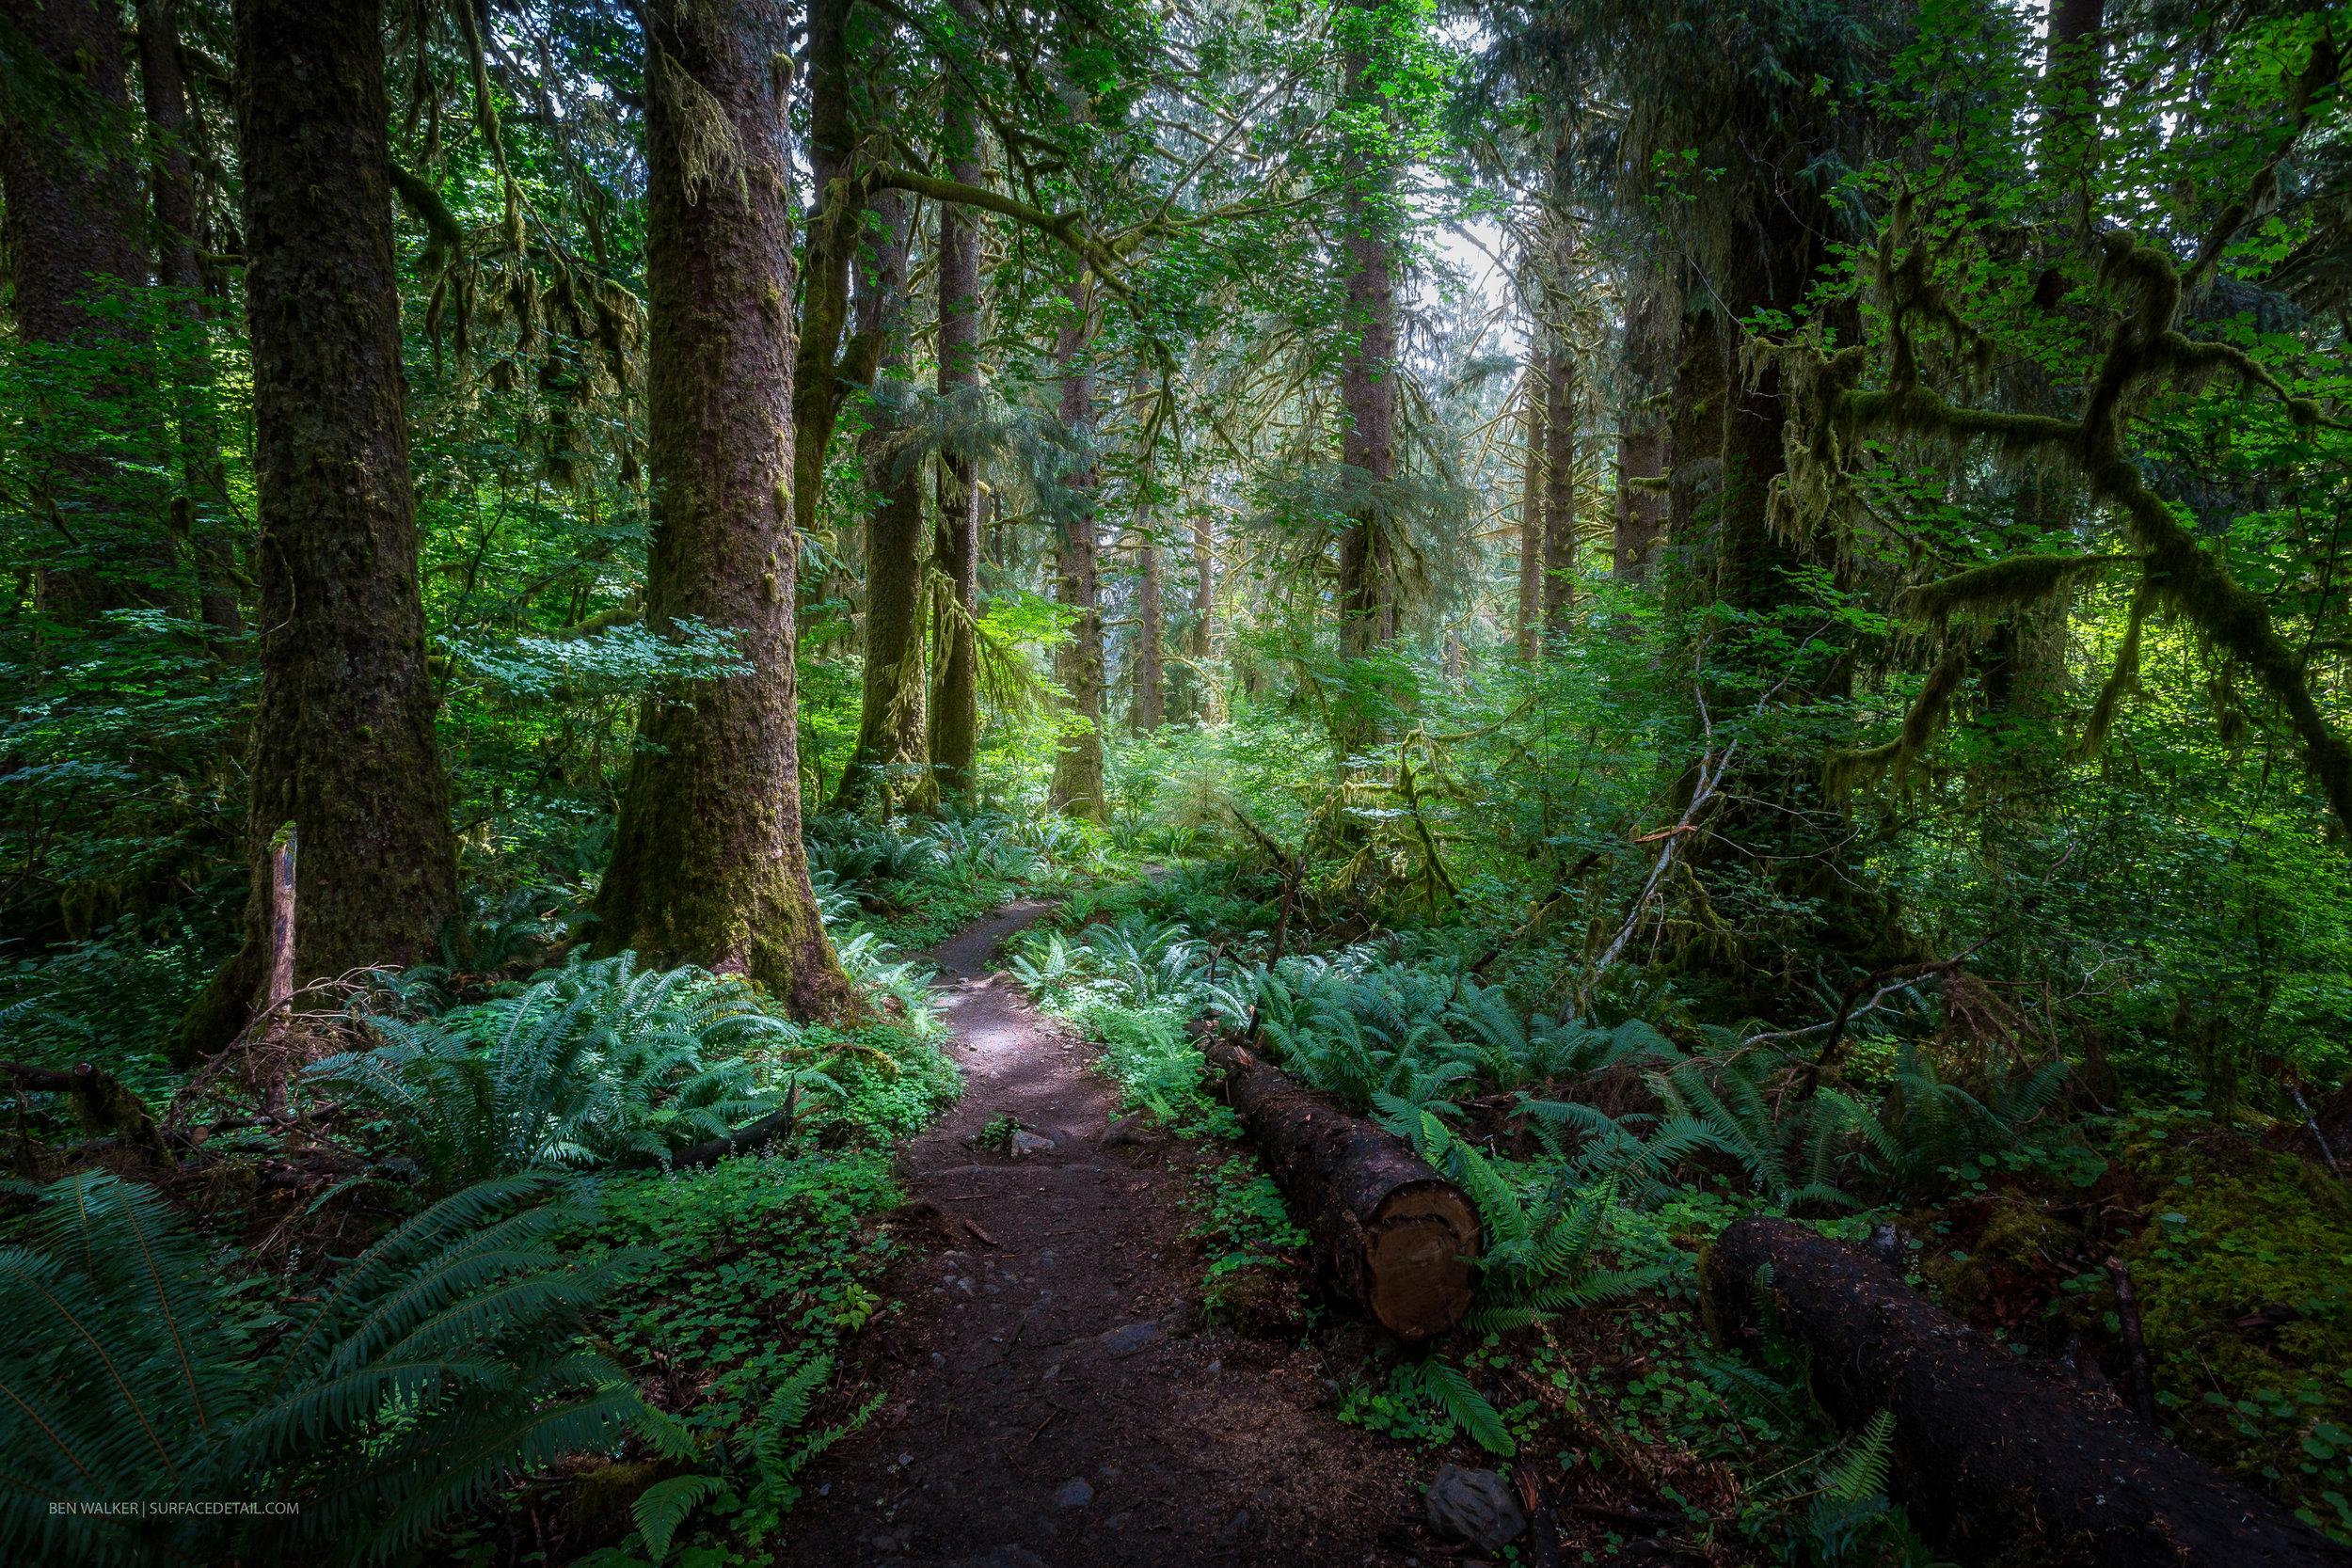 USA_Forest-7.jpg